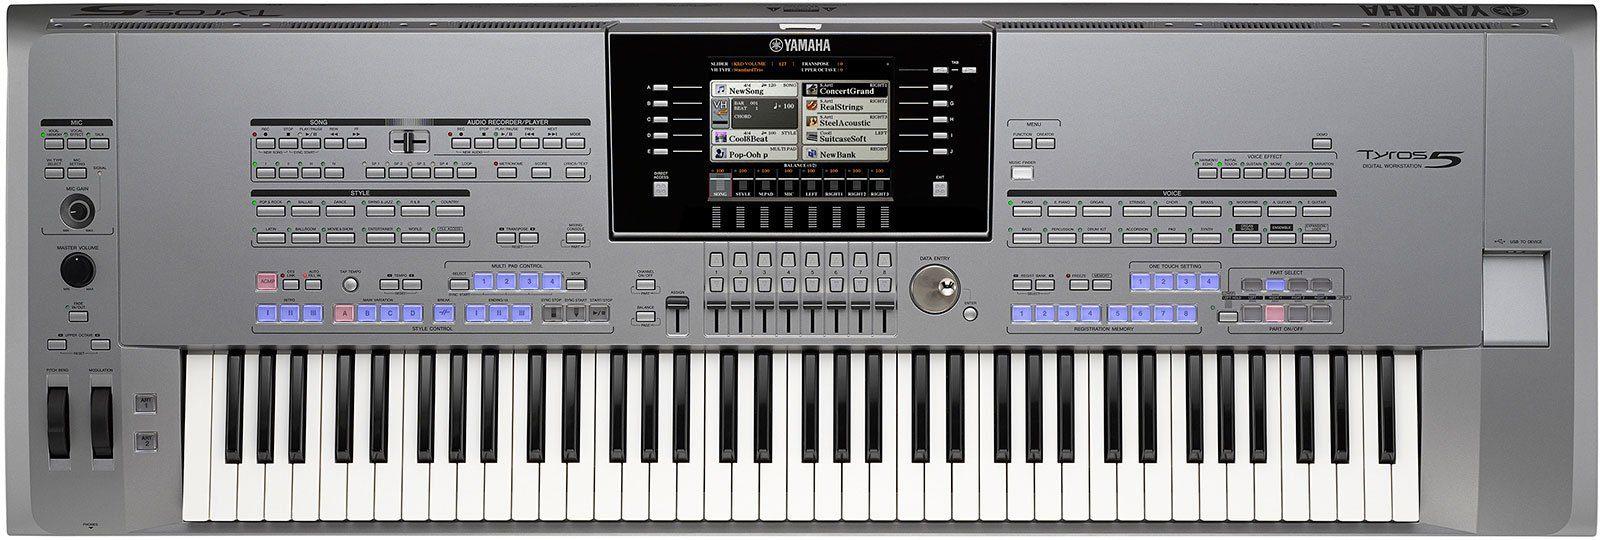 Yamaha Keyboard Latest Models